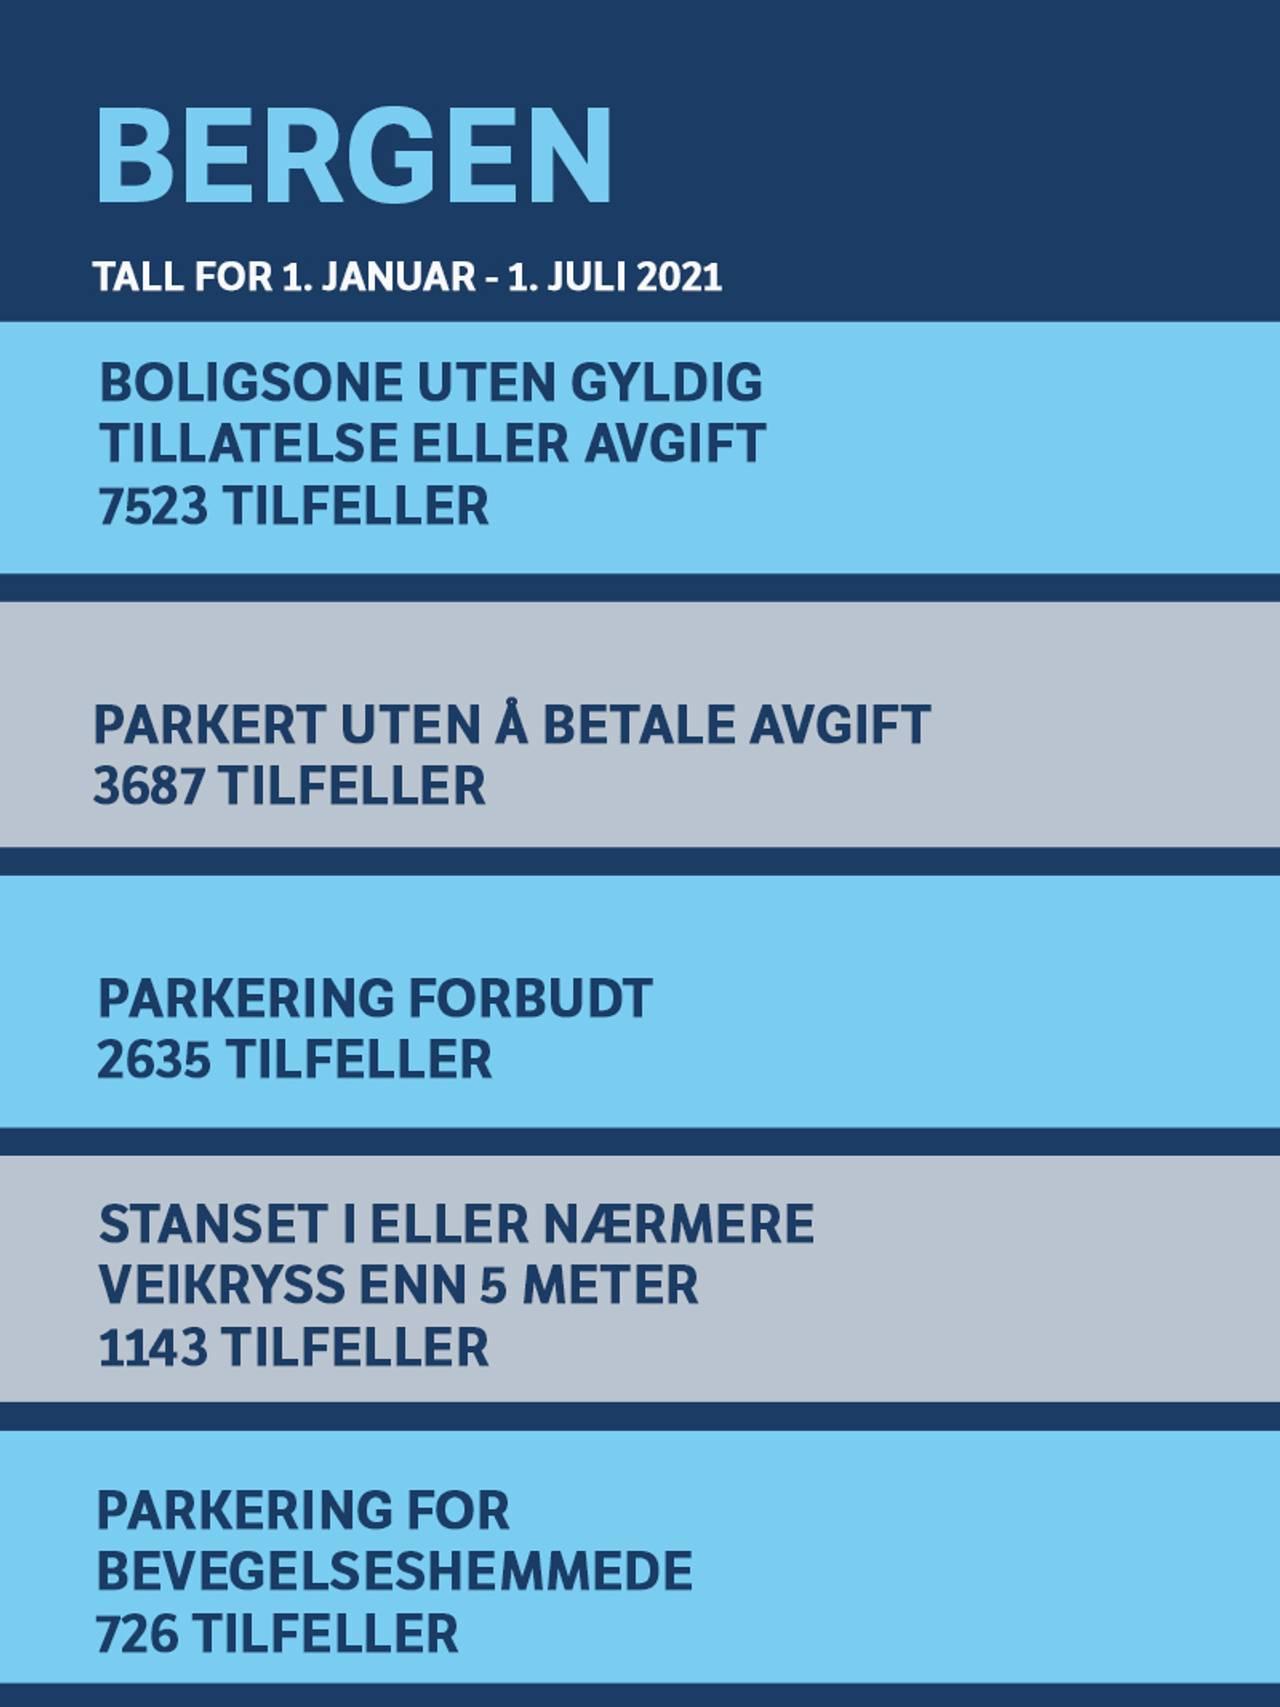 Topp fem parkeringsfeil i Bergen - Tall fra 1. januar til 1. juli 2021 1. Boligsone uten gyldig tillatelse eller avgift (7523) 2. Parkert uten å betale avgift (3 687) 3. Parkering forbudt (2635) 4. Stanset i veikryss eller nærmere veikryss enn 5 m (1143) 5. Parkering for bevegelseshemmede(726)